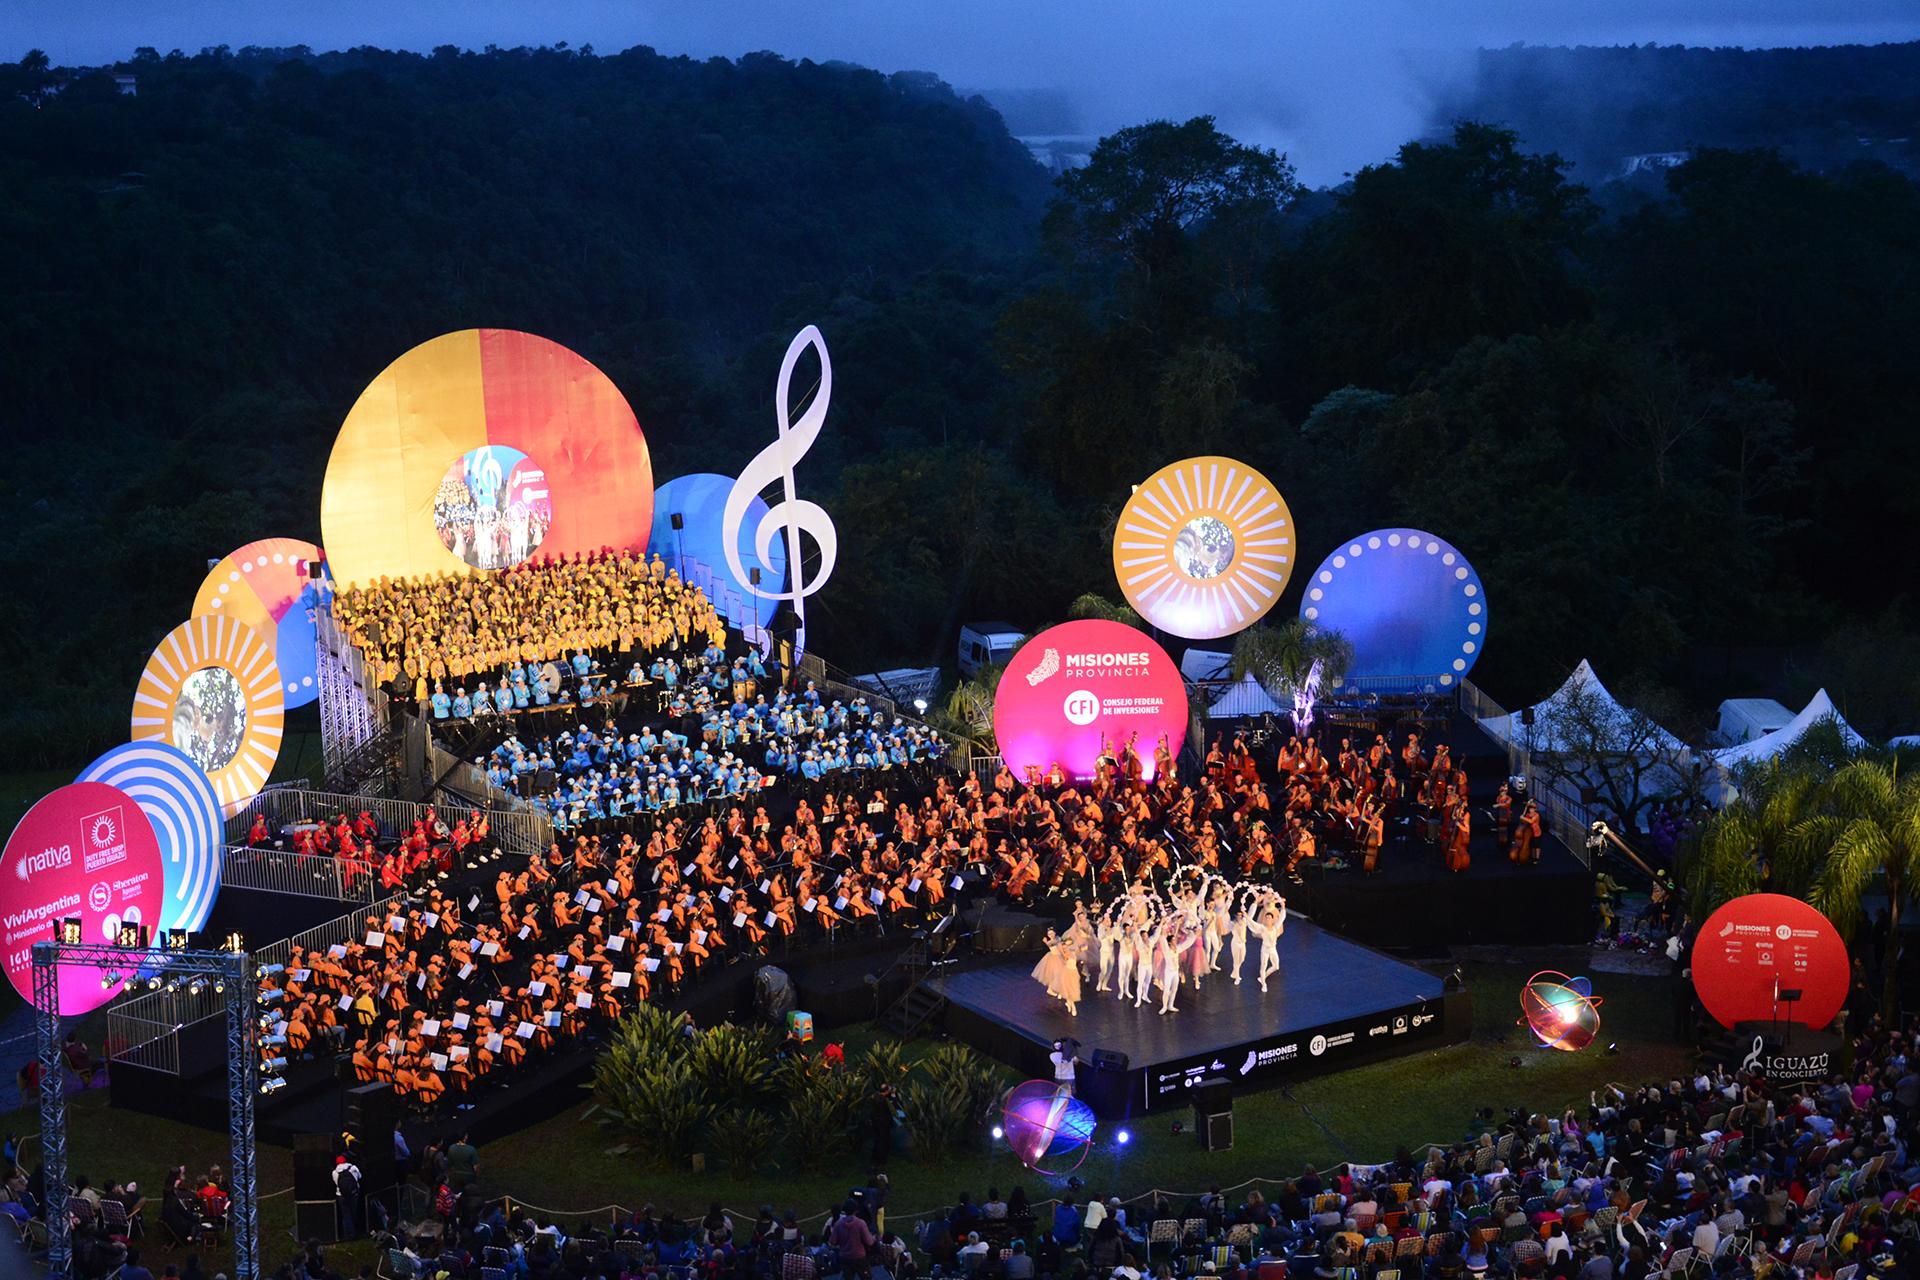 La octava edición de Iguazú en Concierto se realizó del 23 al 28 de mayo en Puerto Iguazú, Misiones